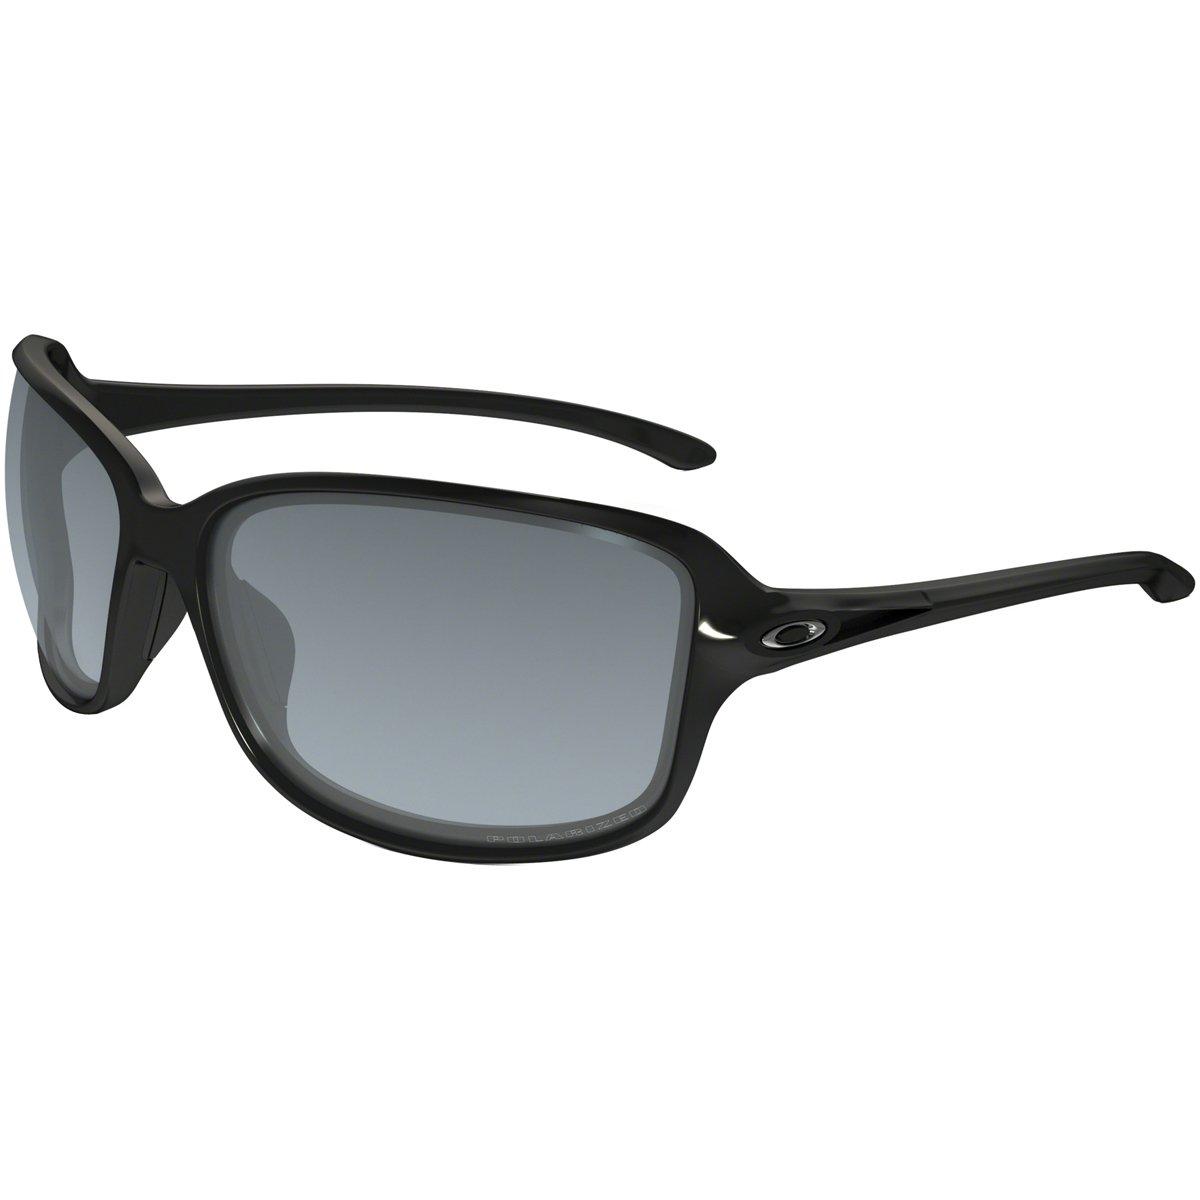 Oakley Women's Cohort Polarized Rectangular Sunglasses, Polished Black, 61 mm